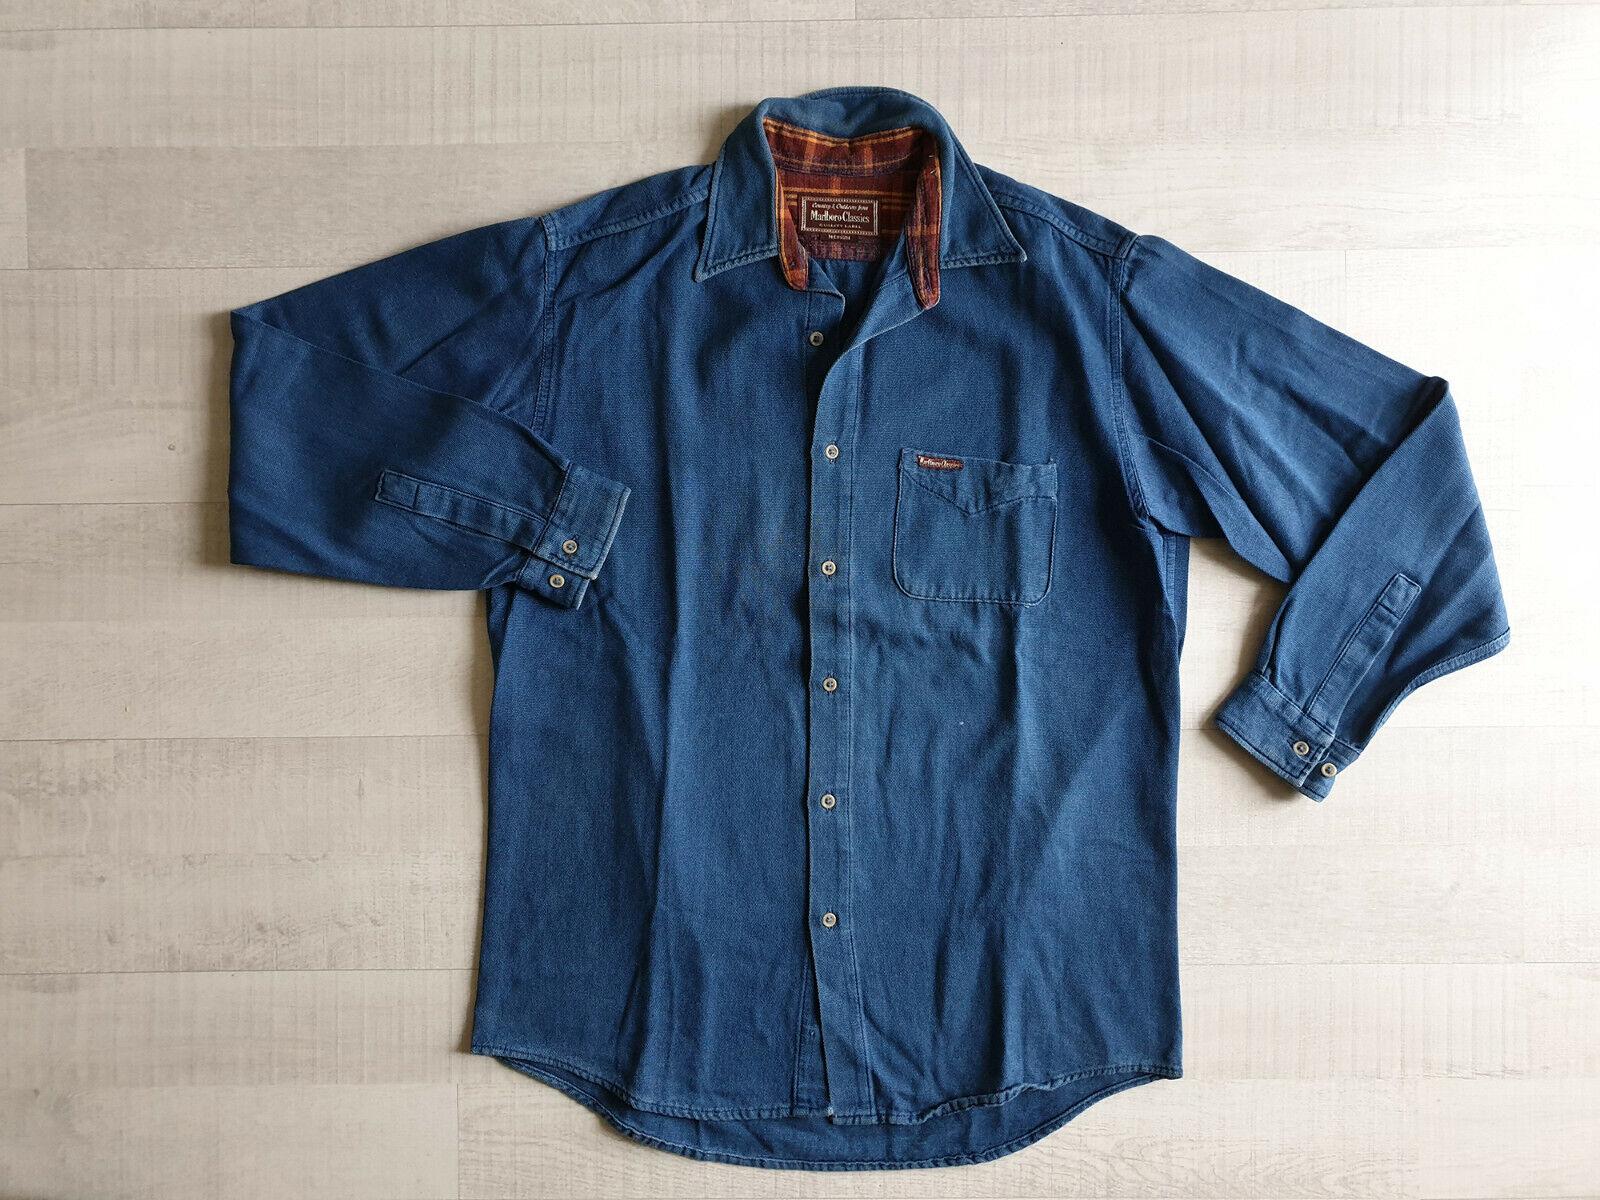 Chemise en jean vintage malboro classics taille m/l, manches longues homme bleu